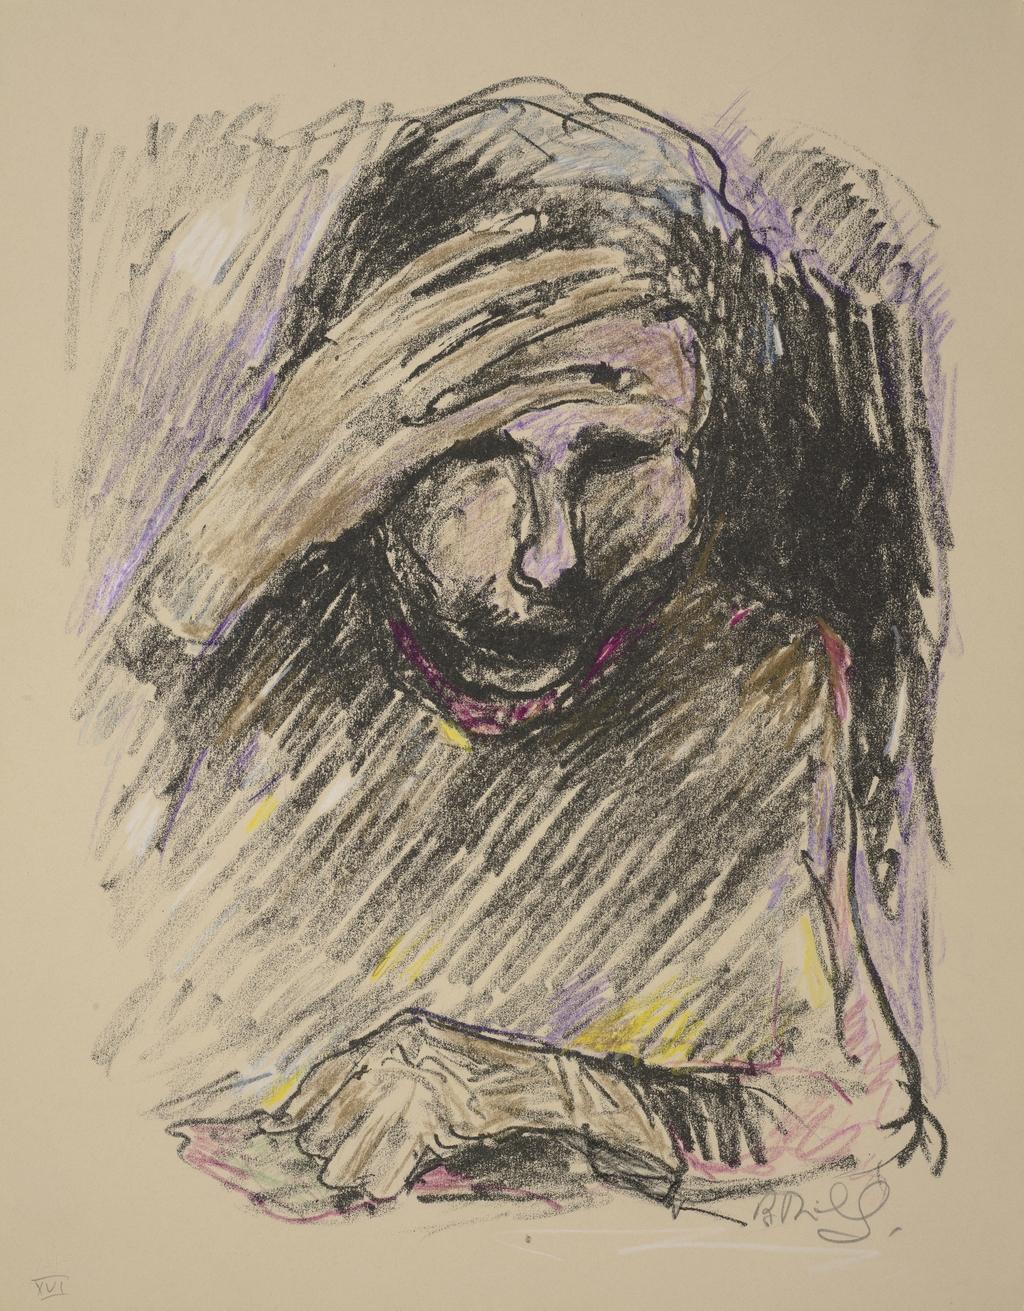 Homme lisant, du livre d'artiste «La Montagne secrète»